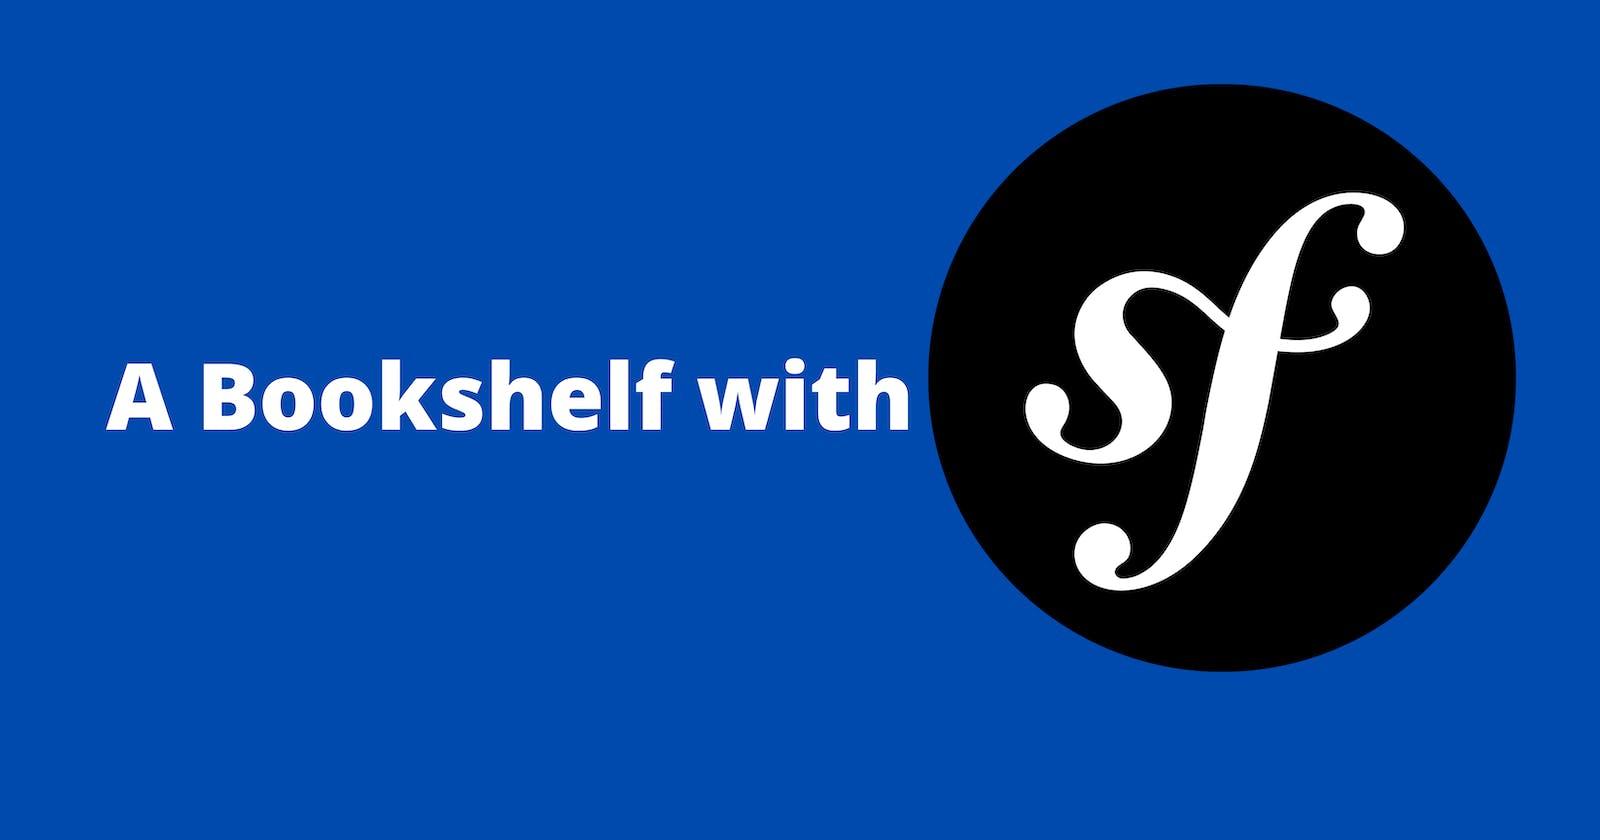 Build a Bookshelf with Symfony